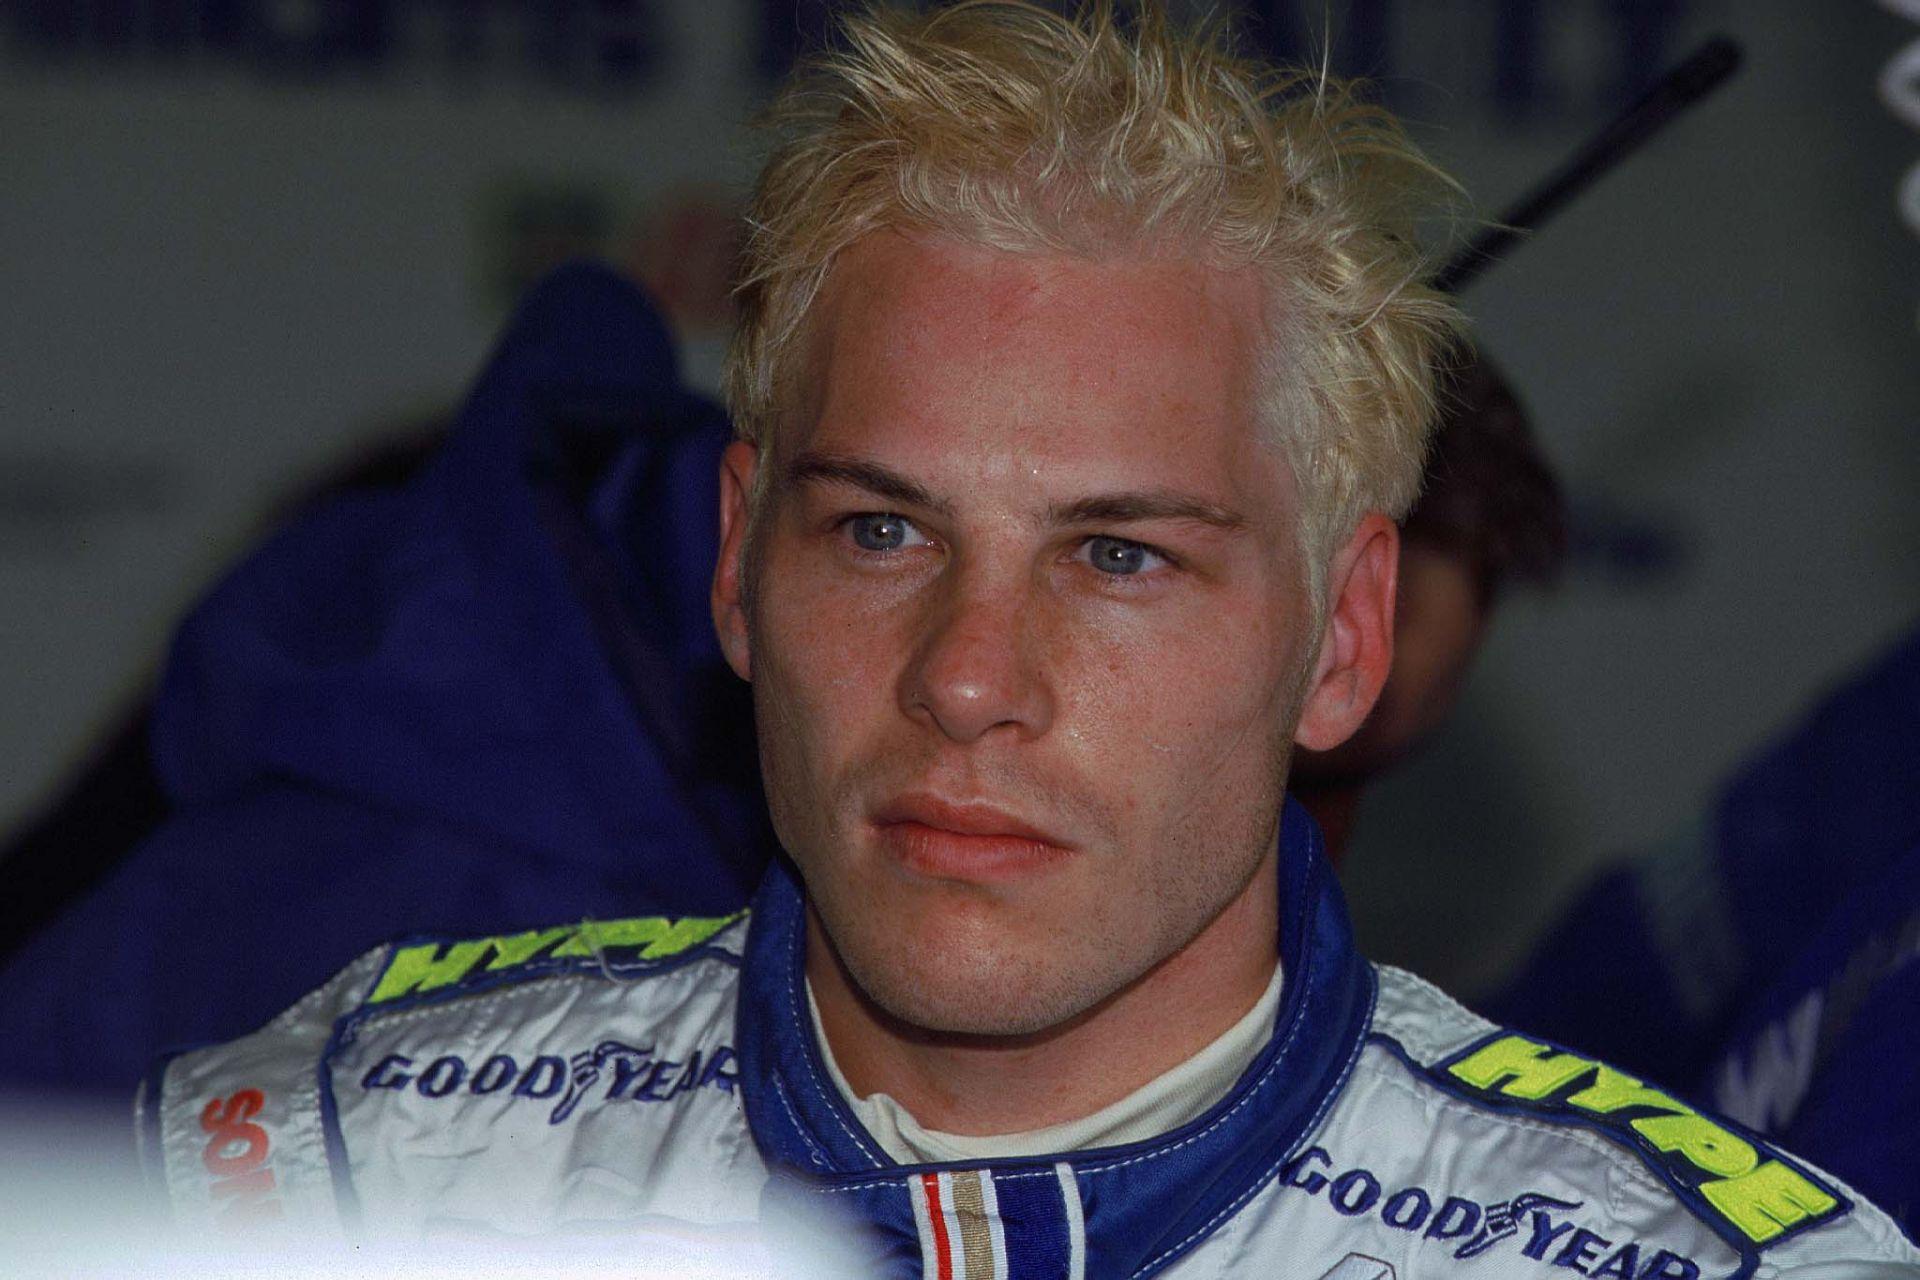 Ma 45 éves Jacques Villeneuve, 1997 Forma-1 bajnoka